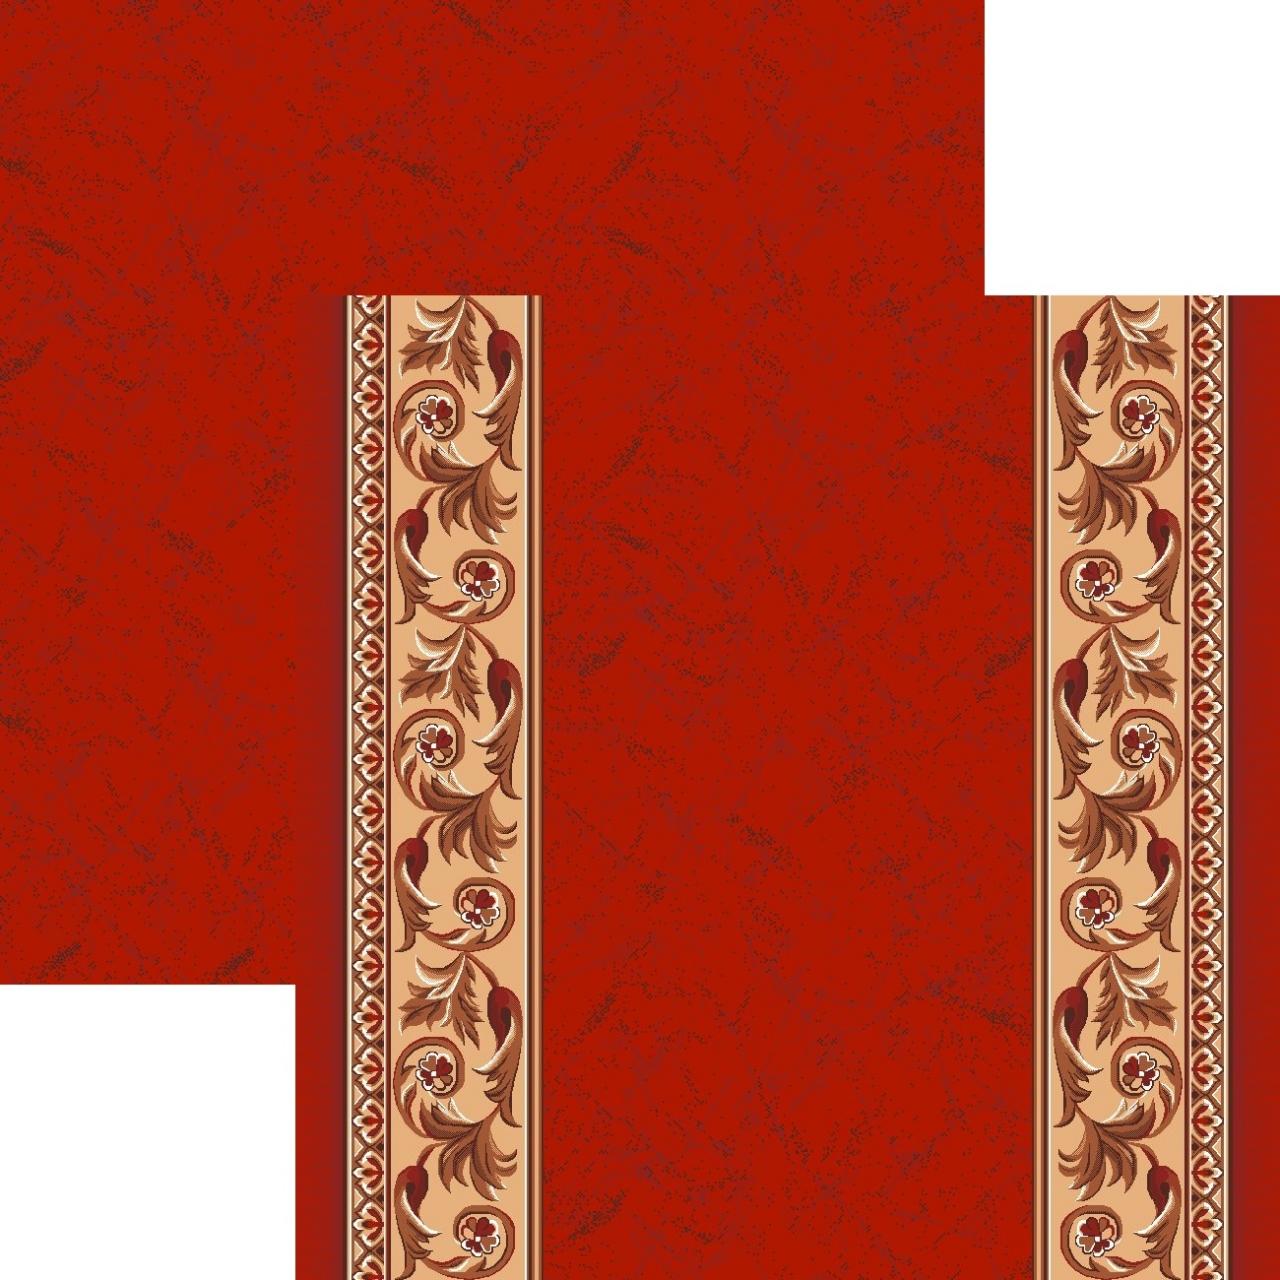 Ковровая дорожка p867k5p - 45 - коллекция принт 8-ми цветное полотно